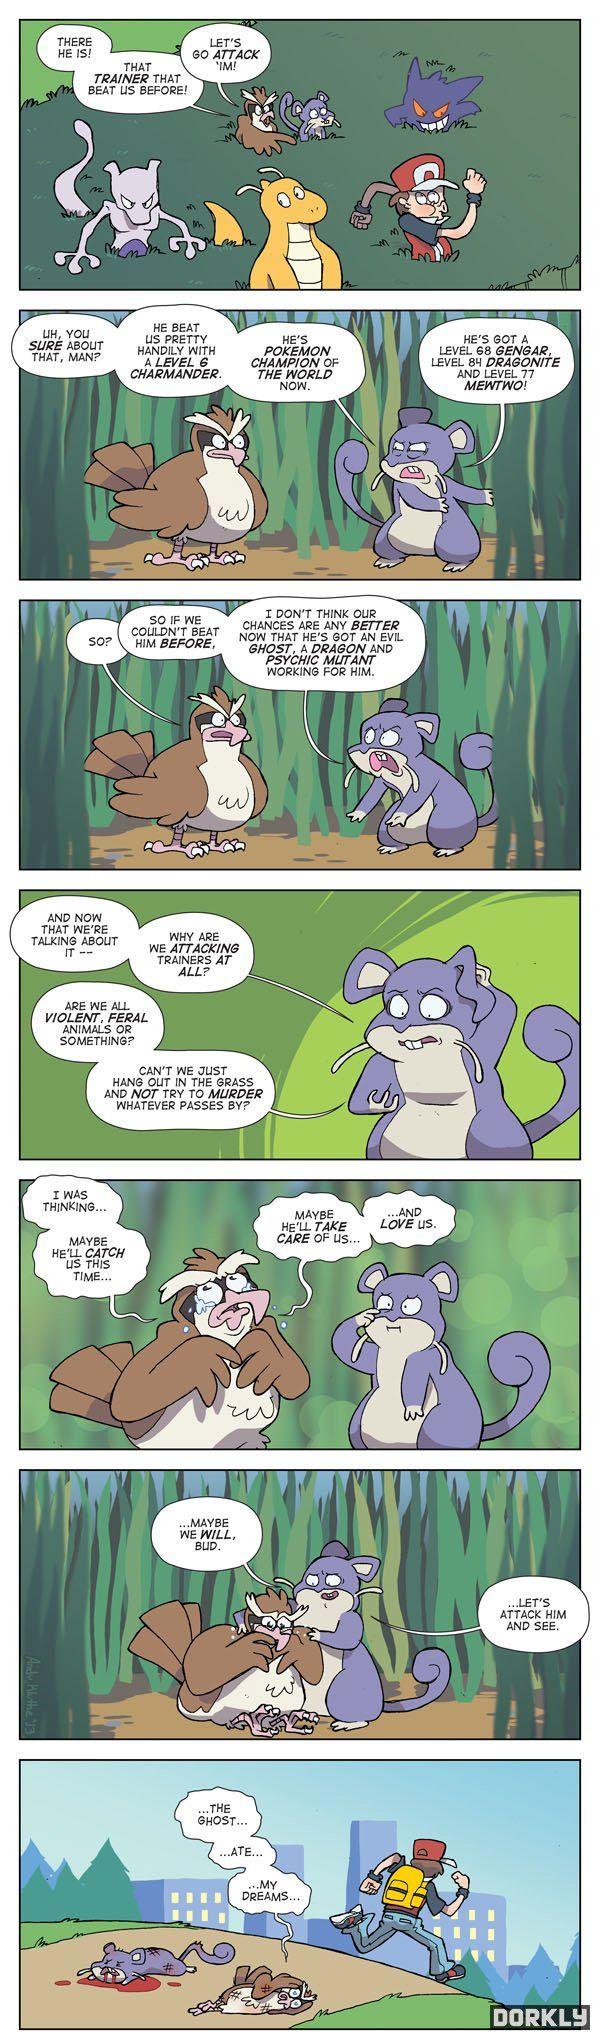 Lo mismo nos captura esta vez, se ocupa de nosotros, y nos quiere... Pokemon - Dorkly (600×2040)